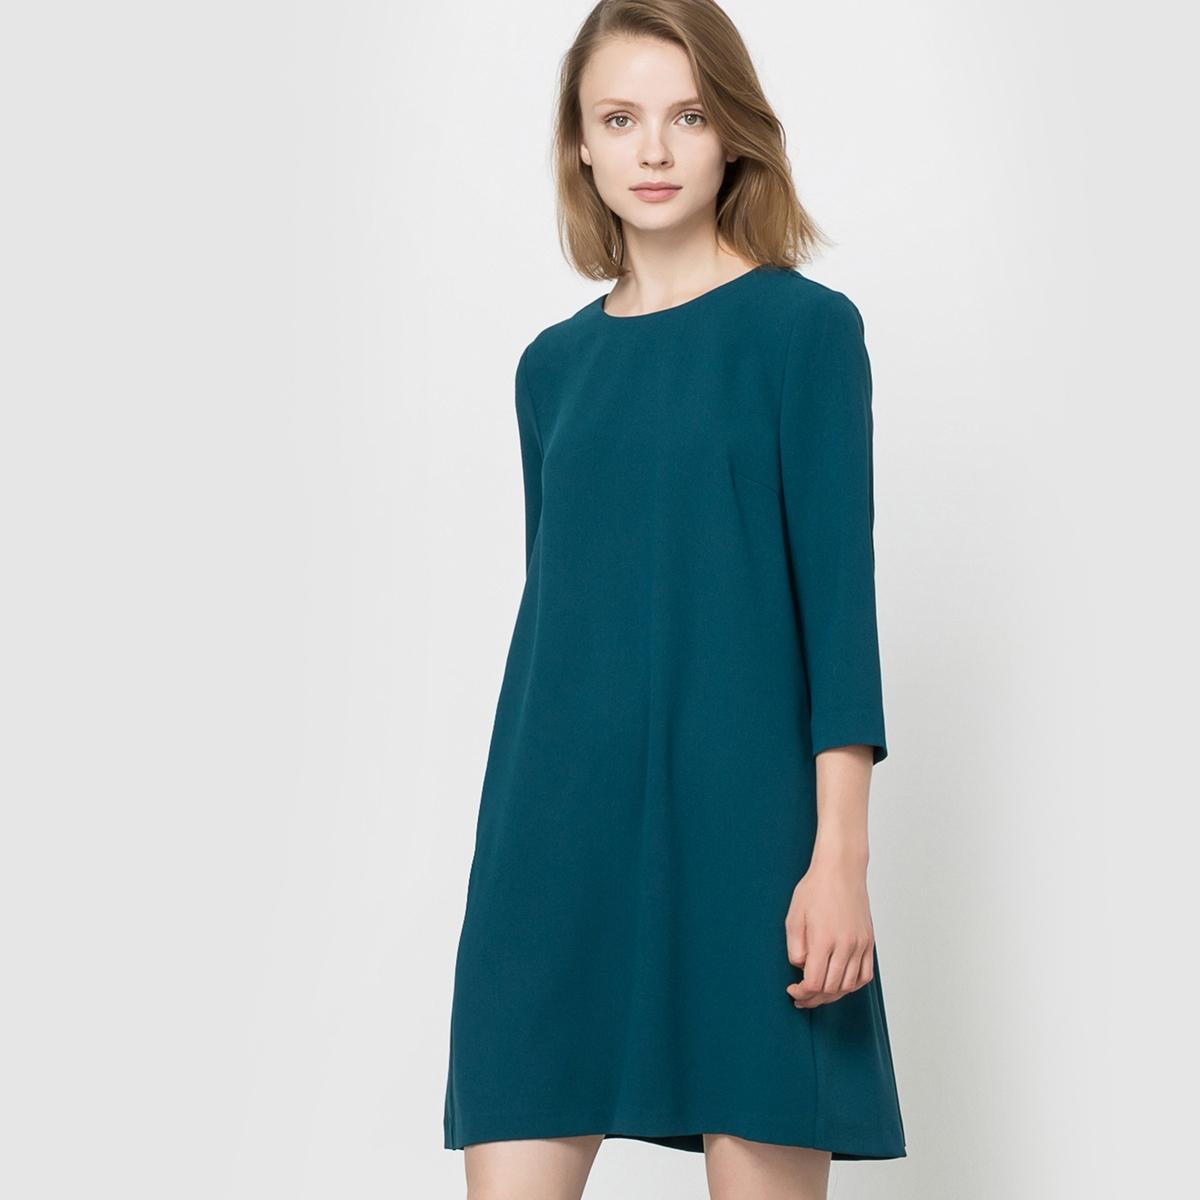 Платье с рукавами 3/4Состав и описаниеМарка:      SEE U SOON.     Материал:     95% полиэстера, 5% эластана.   Подкладка:   100% хлопка.          УходМашинная стирка при 30°C     с вещами схожих цветов.<br><br>Цвет: сине-зеленый,черный<br>Размер: L